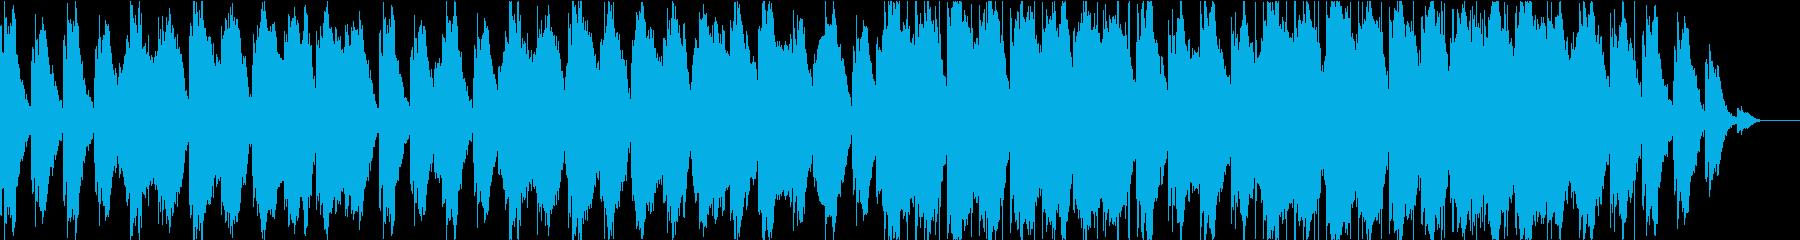 初恋のようなピュアな曲,ピアノバイオリンの再生済みの波形